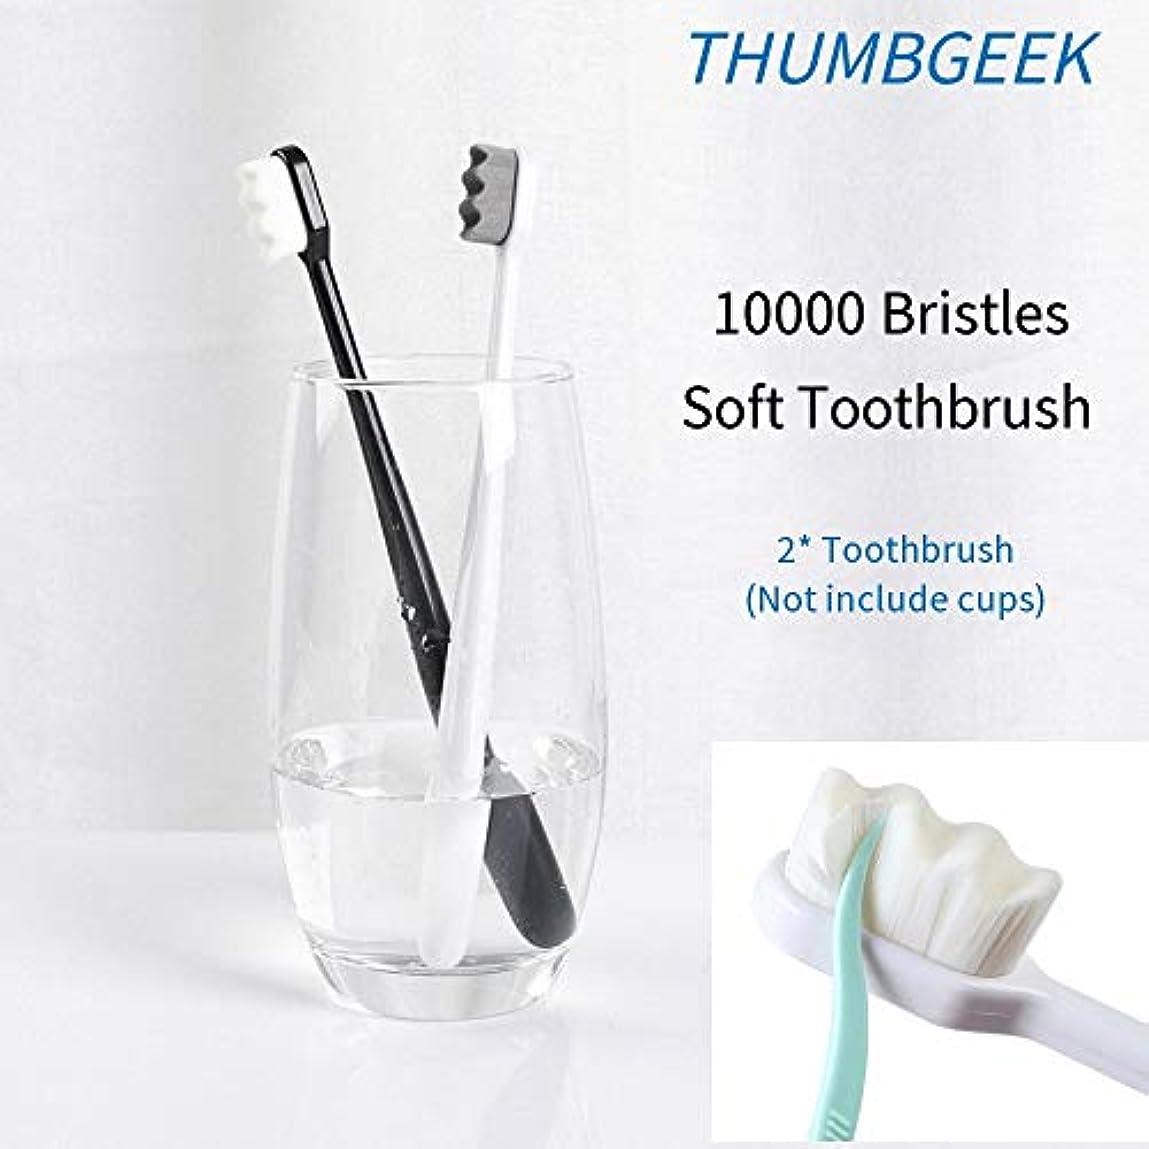 マサッチョ破滅的な喜ぶ2本の歯ブラシ、ウルトラソフト歯ブラシ、家族の妊娠中の女性用、年配の看護の歯肉に敏感なディープマウスクリーンオーラルケア、手動歯ブラシ